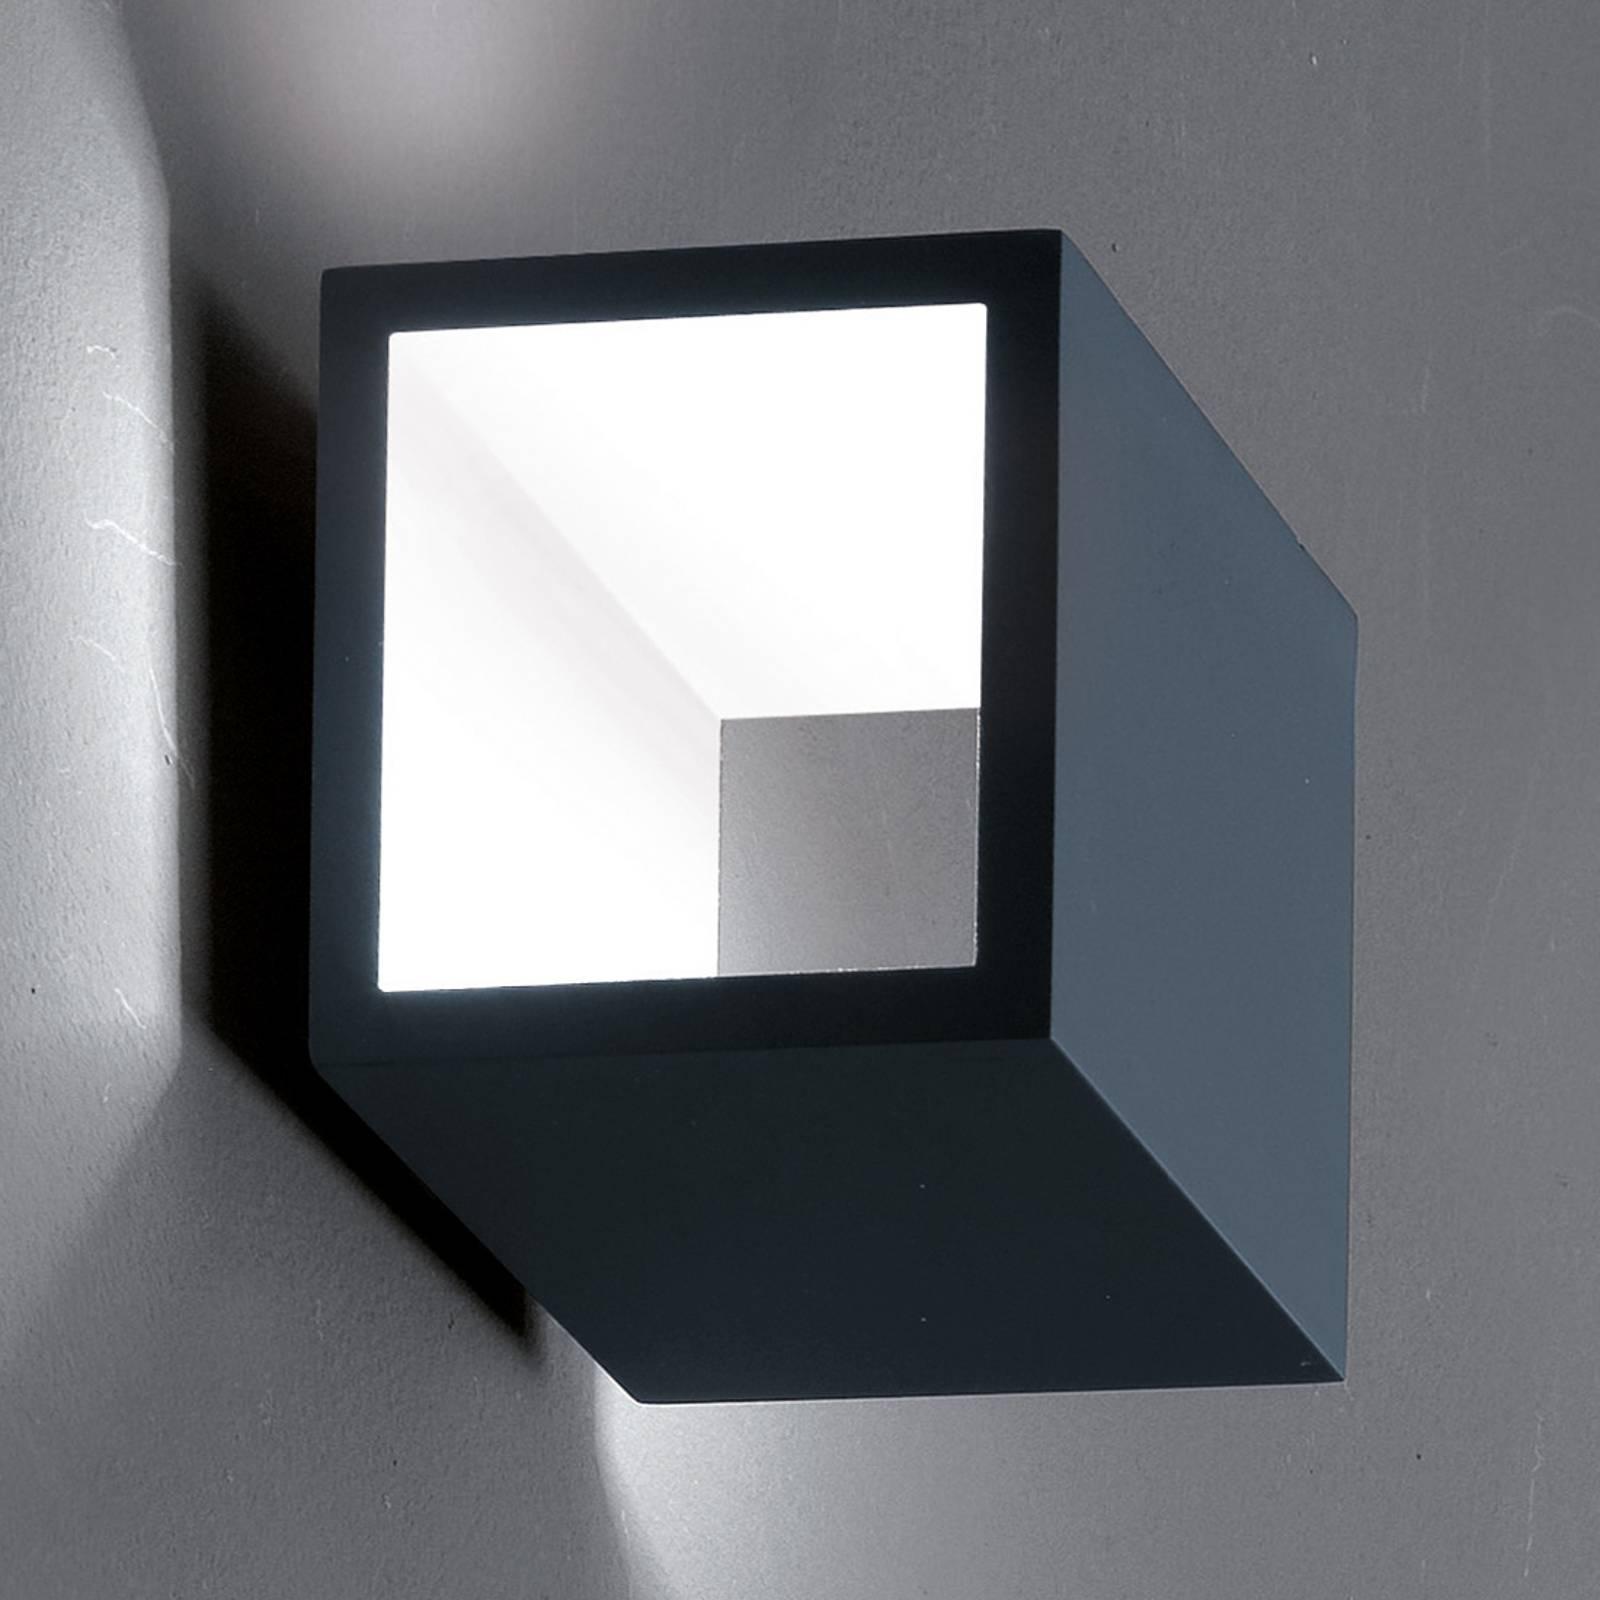 ICONE Cubò-LED-seinävalaisin 10W titaani/valkoinen